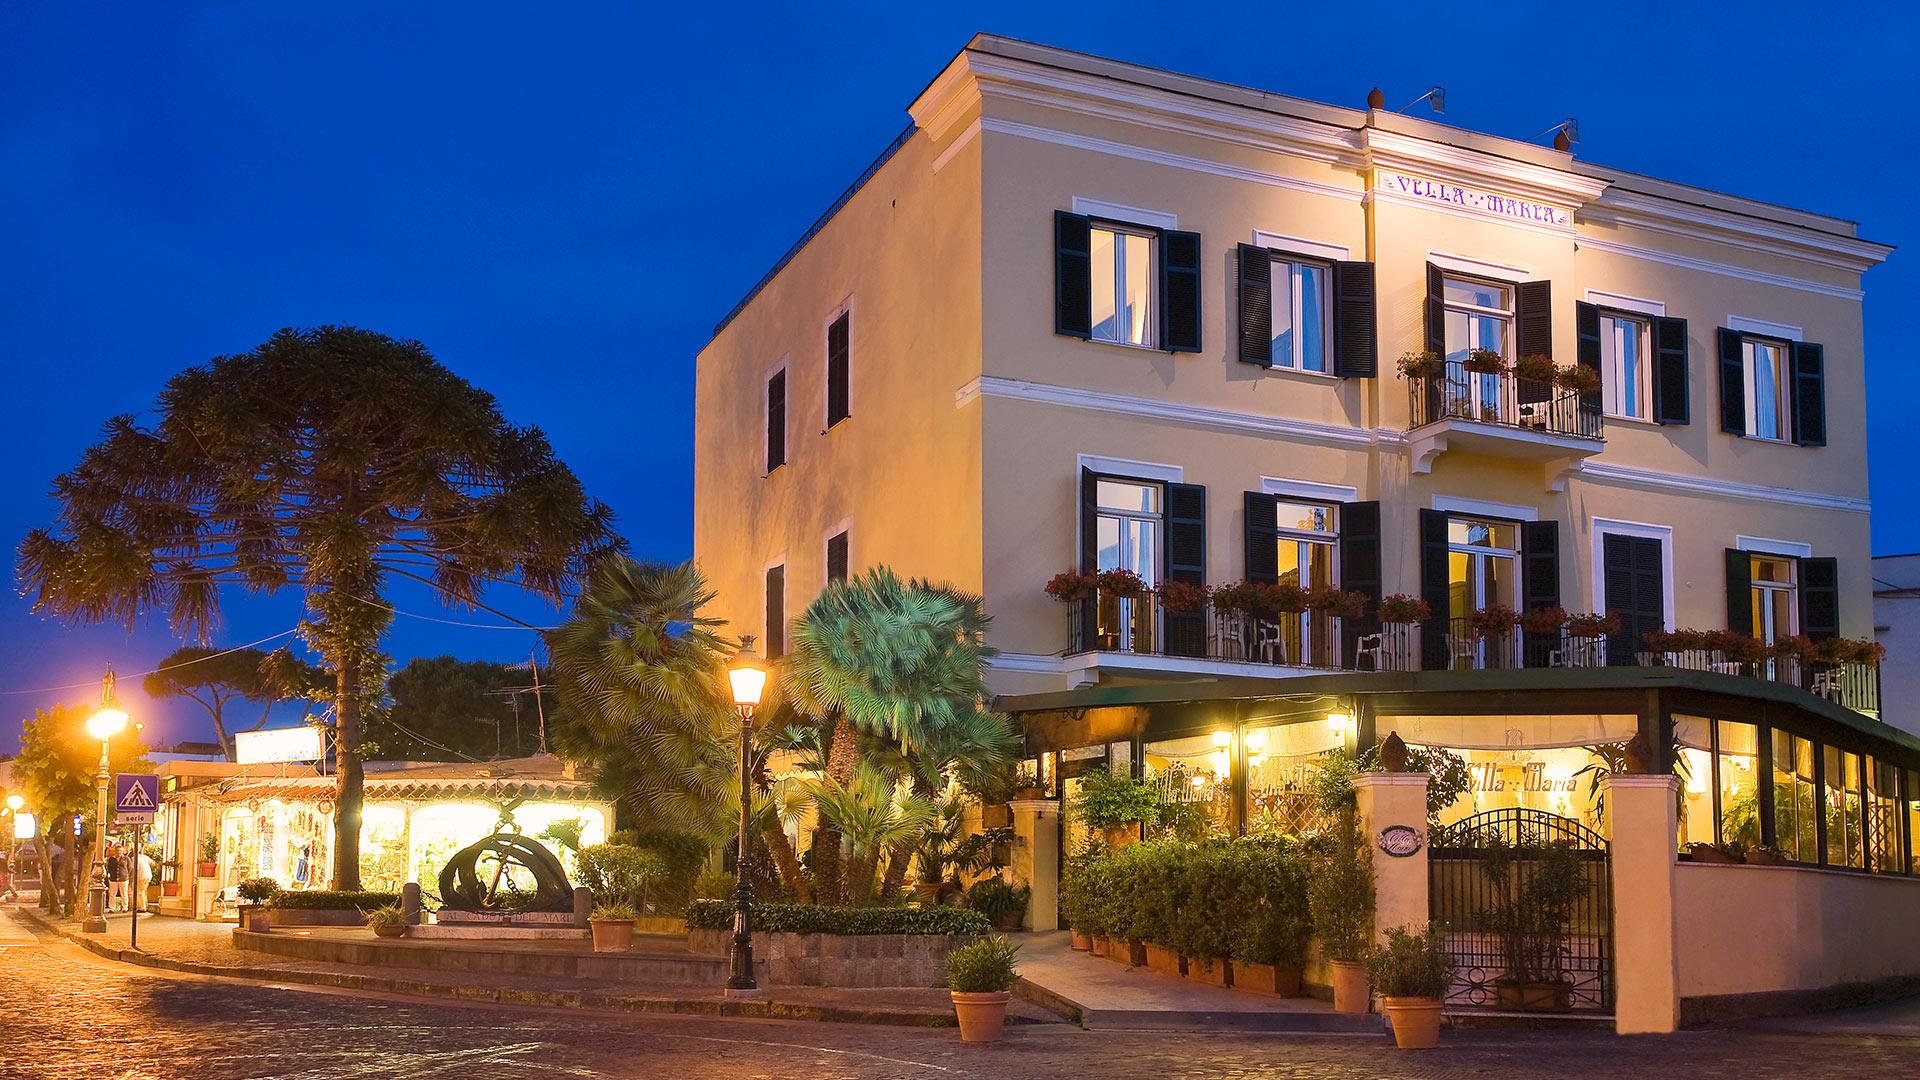 Villa_Maria_Ischia_Hotel_Slider_C0